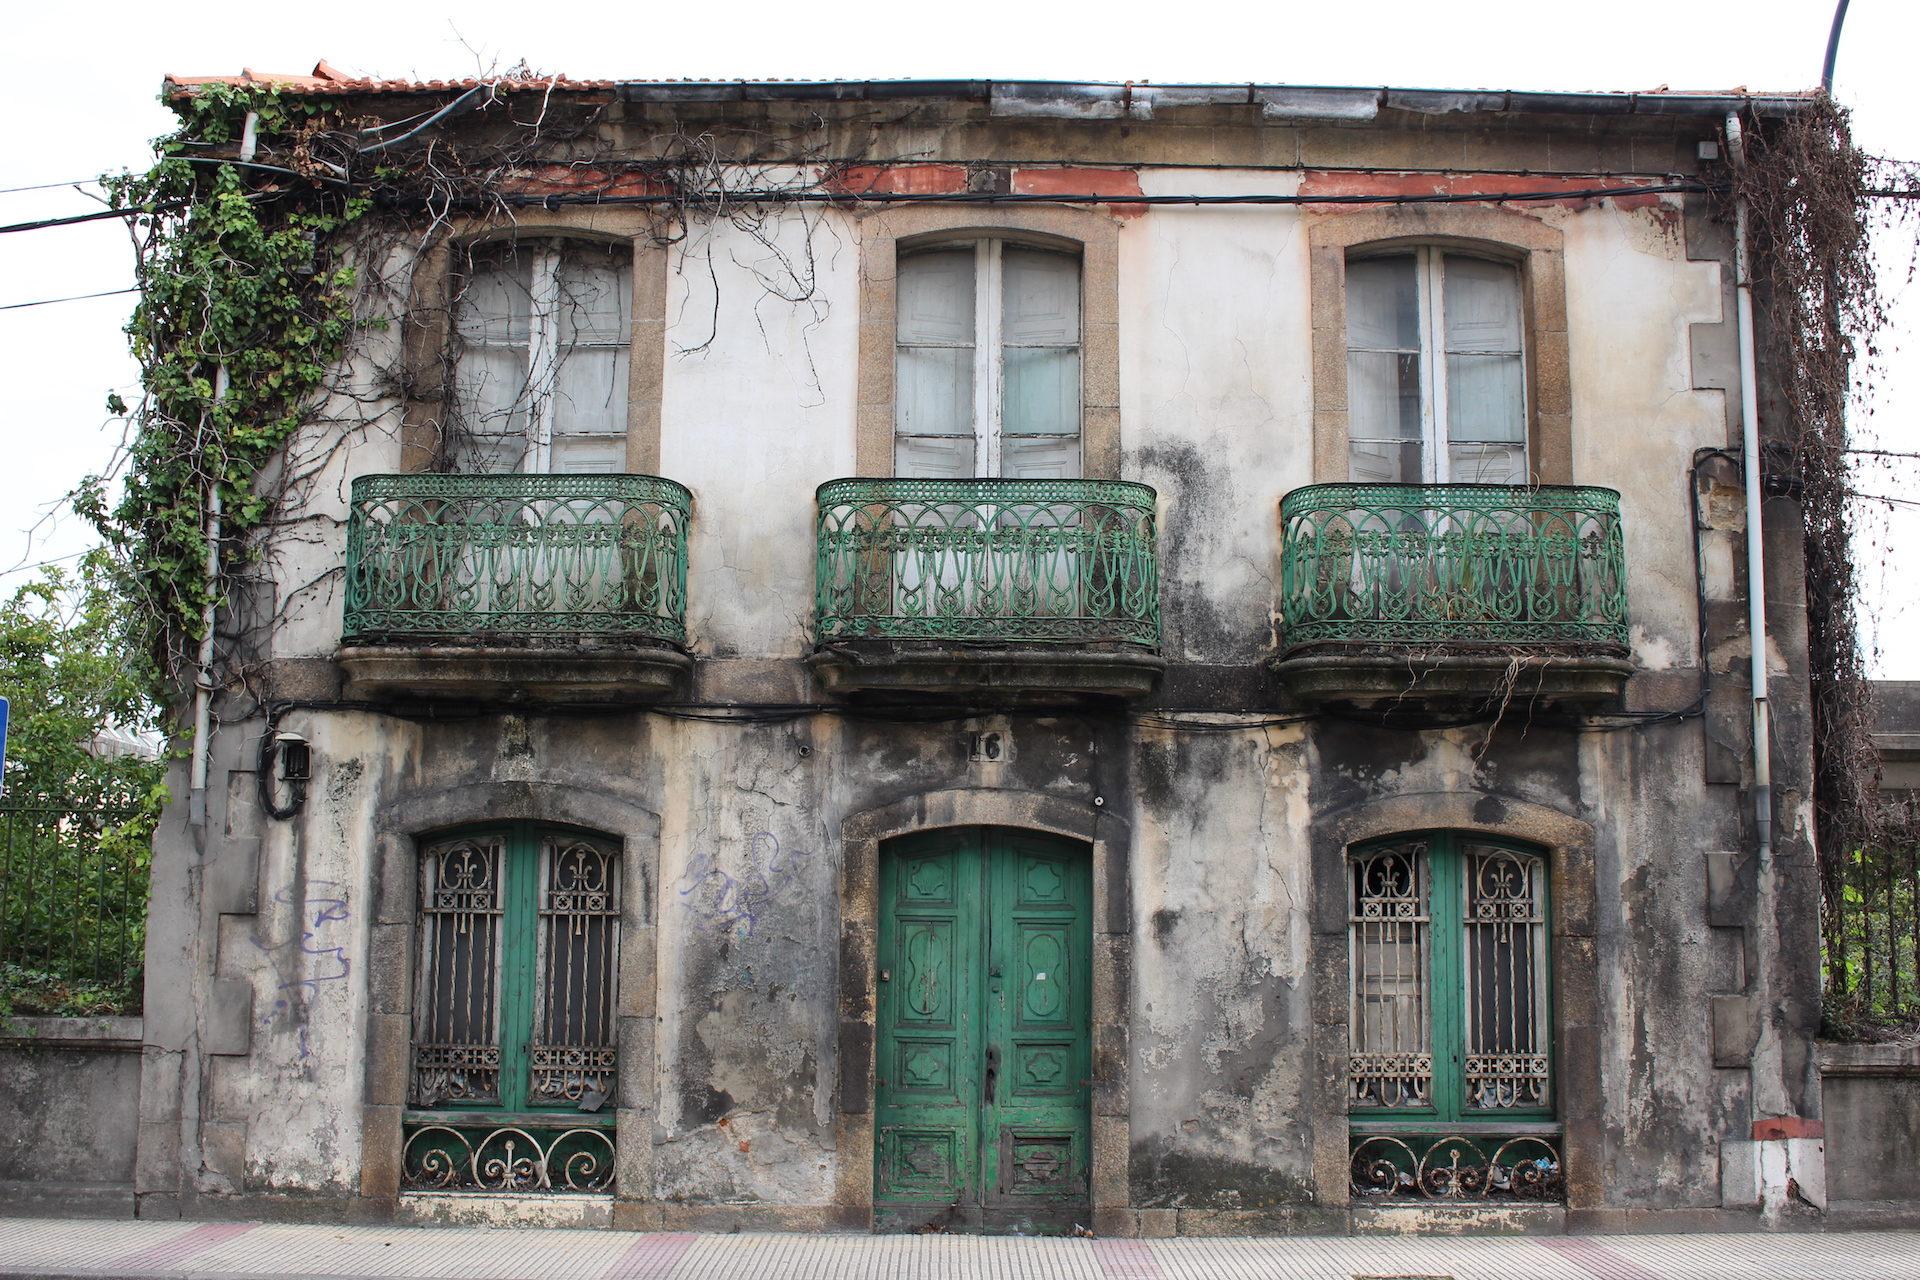 Casa, vieja, abandonado, velho, ruínas - Papéis de parede HD - Professor-falken.com